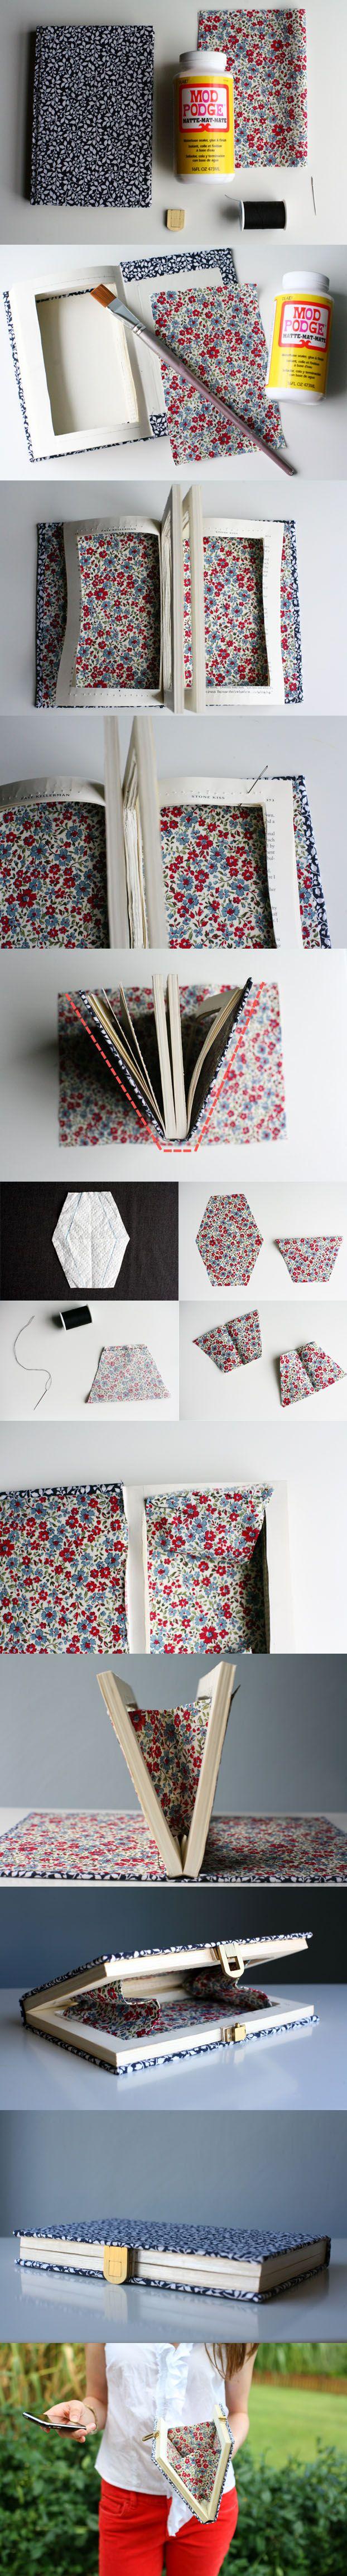 Muy Ingenioso Estuche o bolso de mano reciclando un libro - Muy Ingenioso